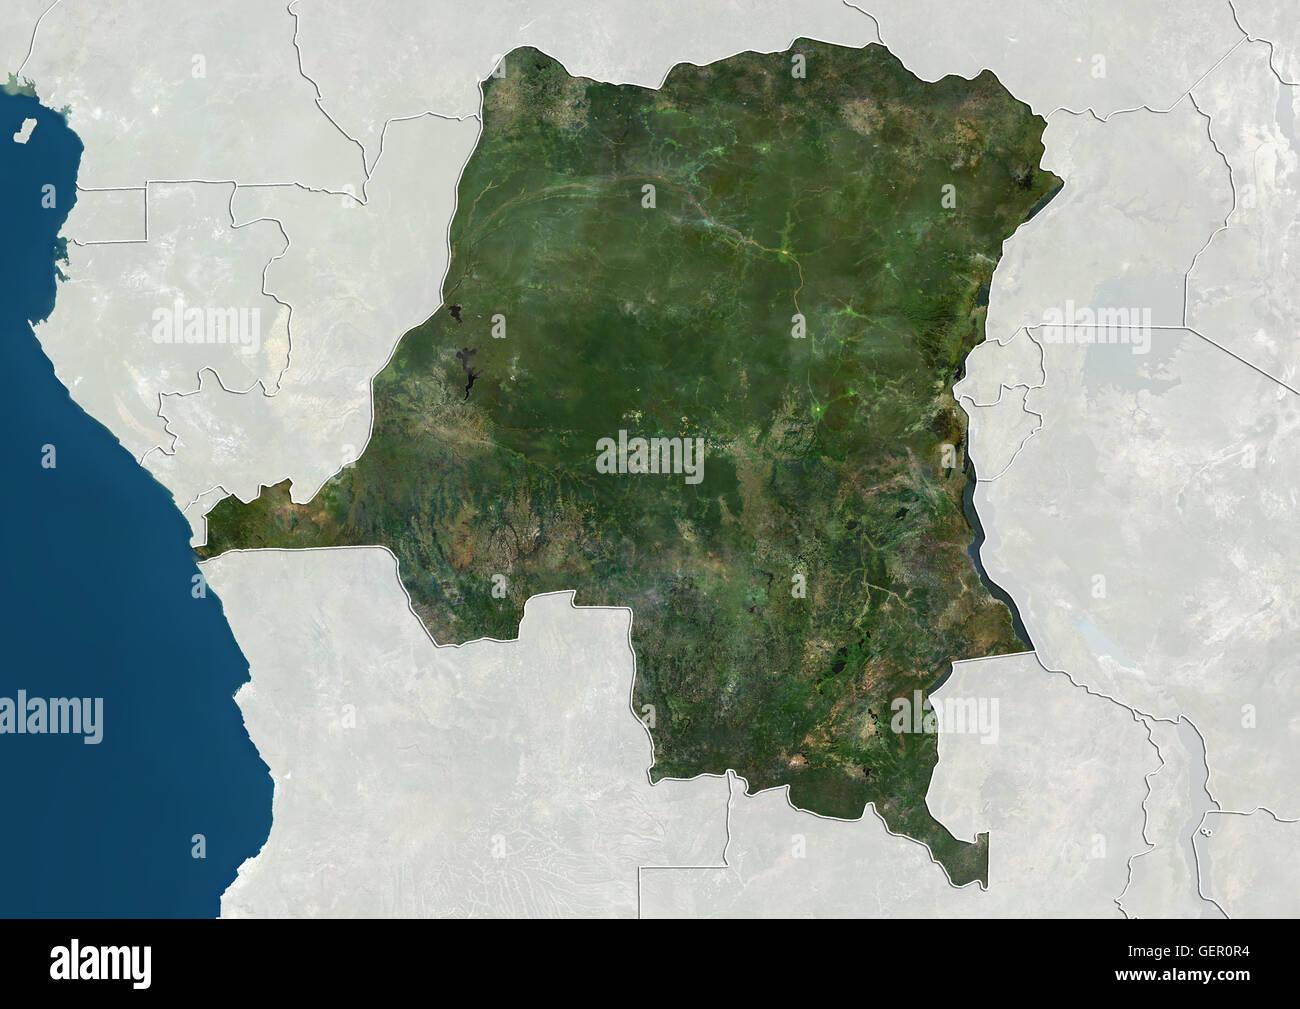 Vista satellitare della Repubblica Democratica del Congo (con confini tra  paesi e maschera). Questa immagine è stata elaborata sulla base dei dati  acquisiti dai satelliti Landsat Foto stock - Alamy